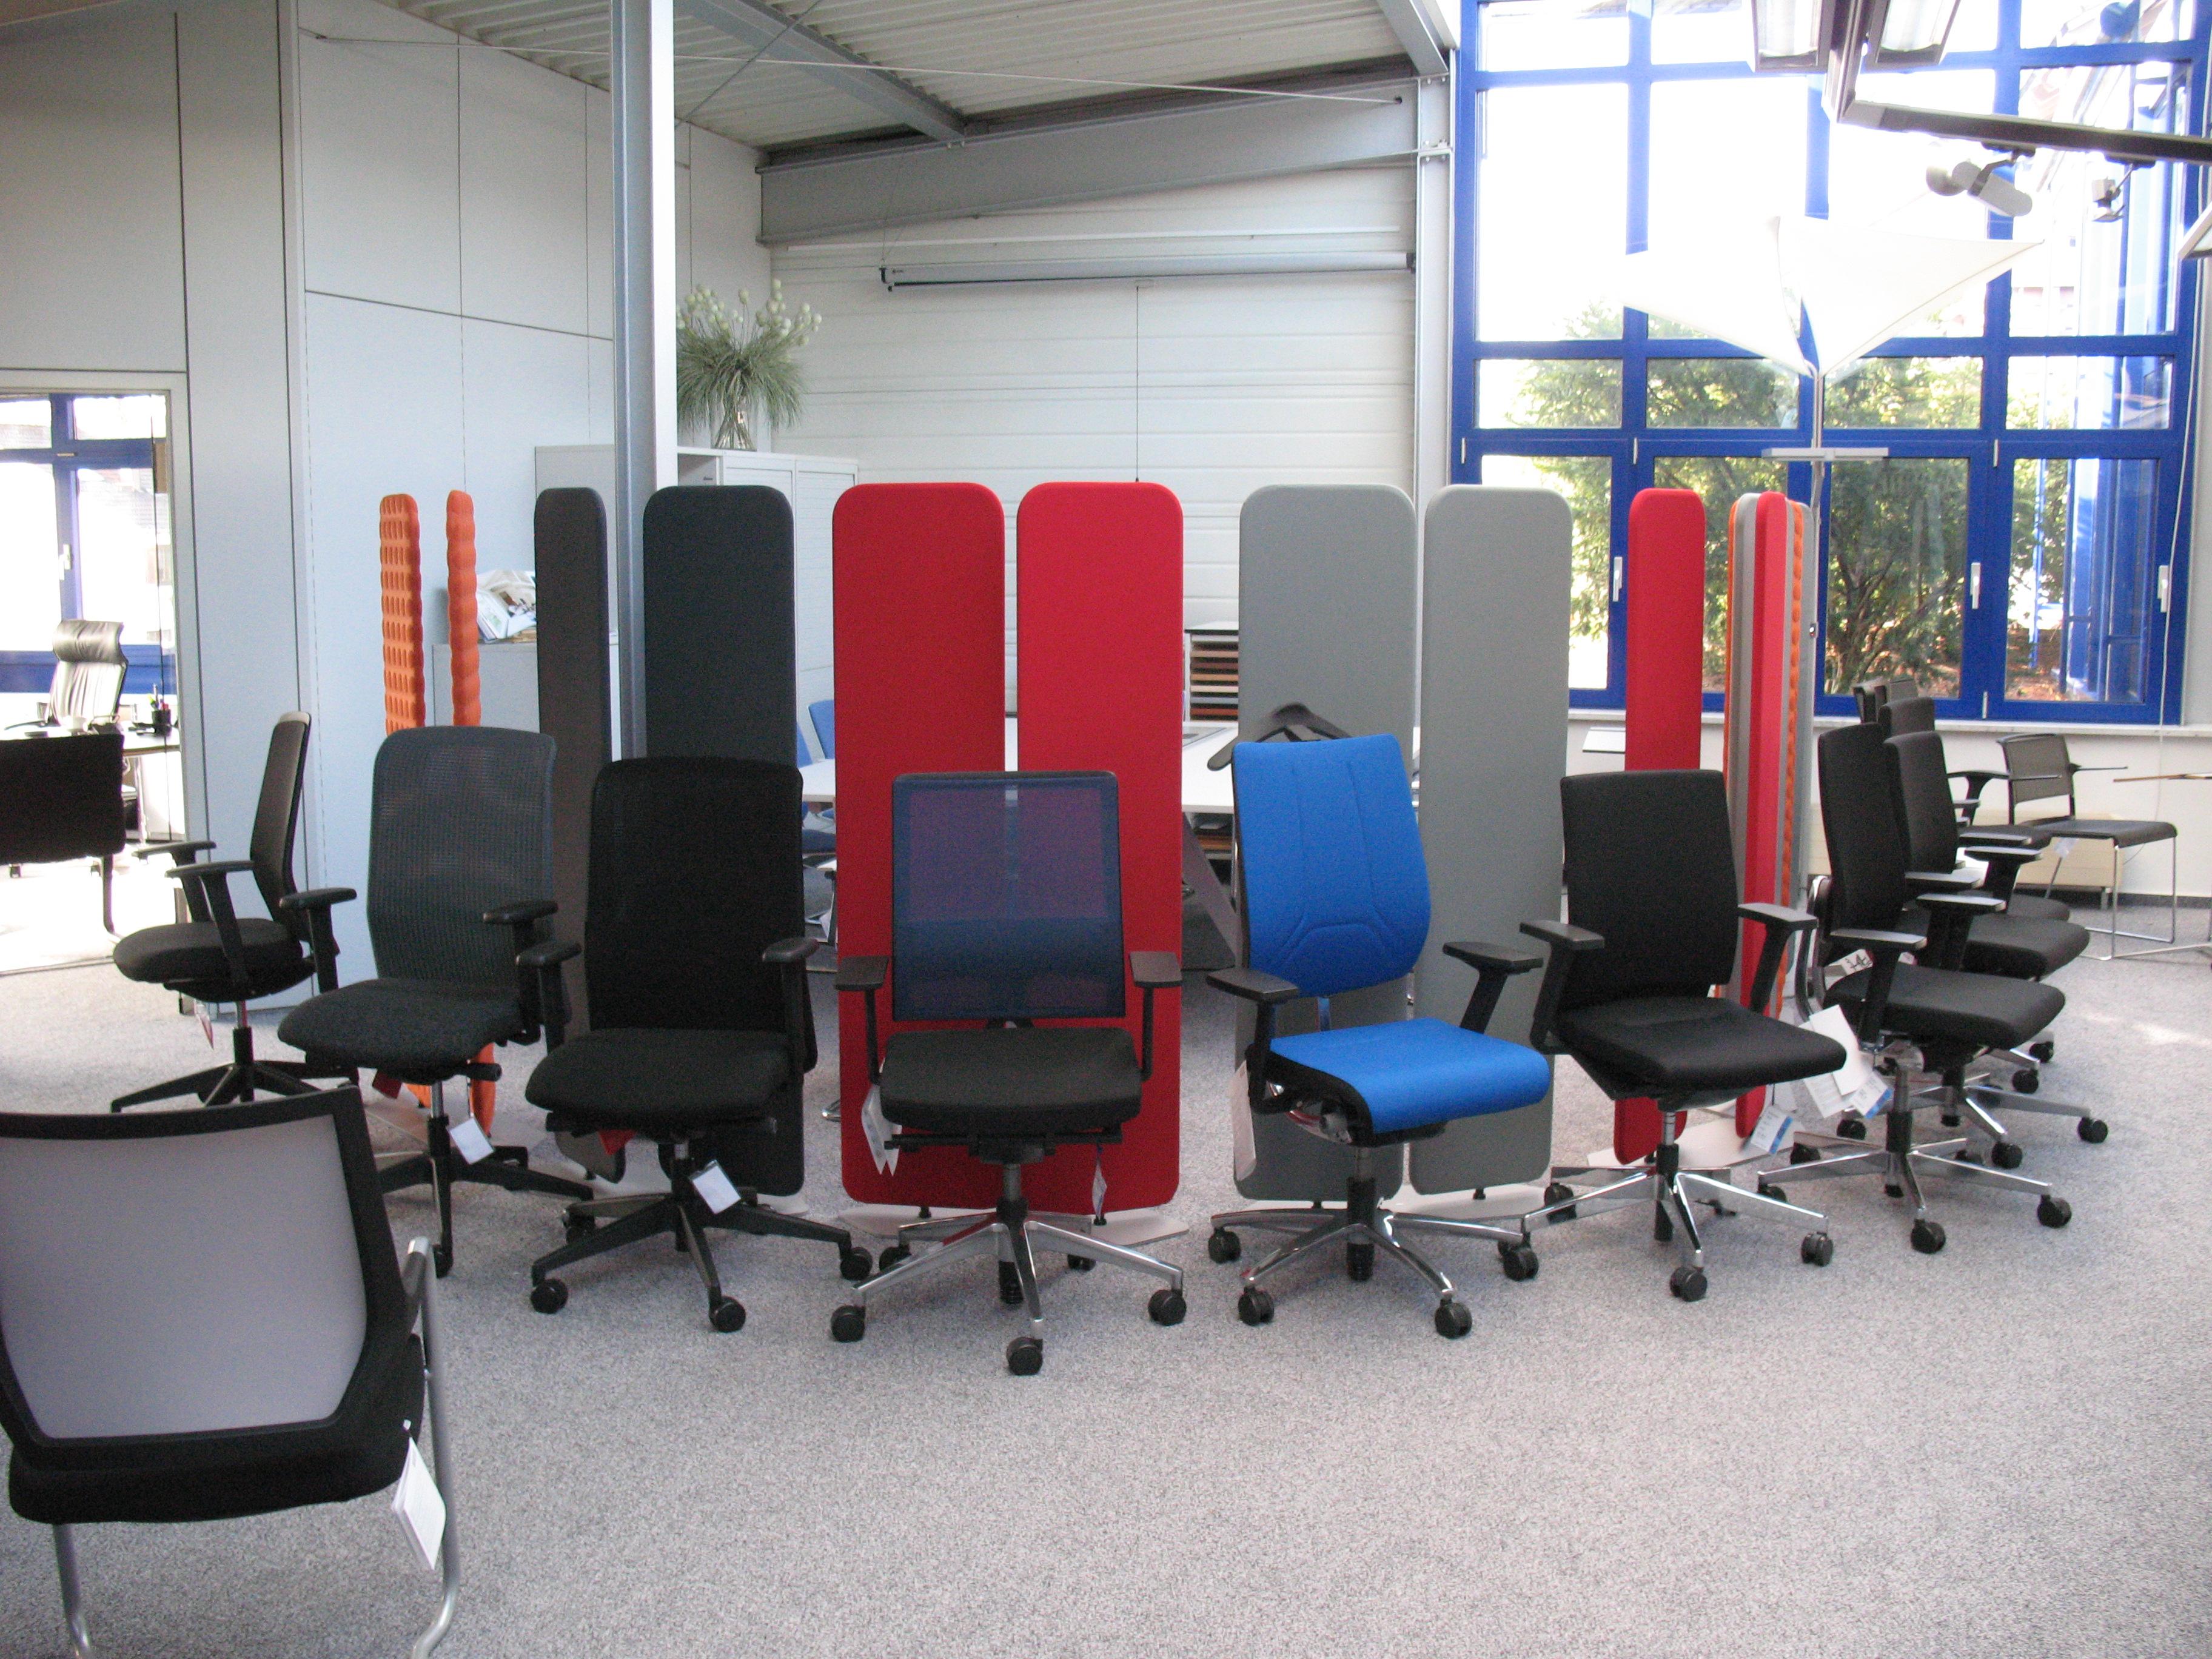 Bild 3 höll horst büroeinrichtung GmbH in Baden-Baden